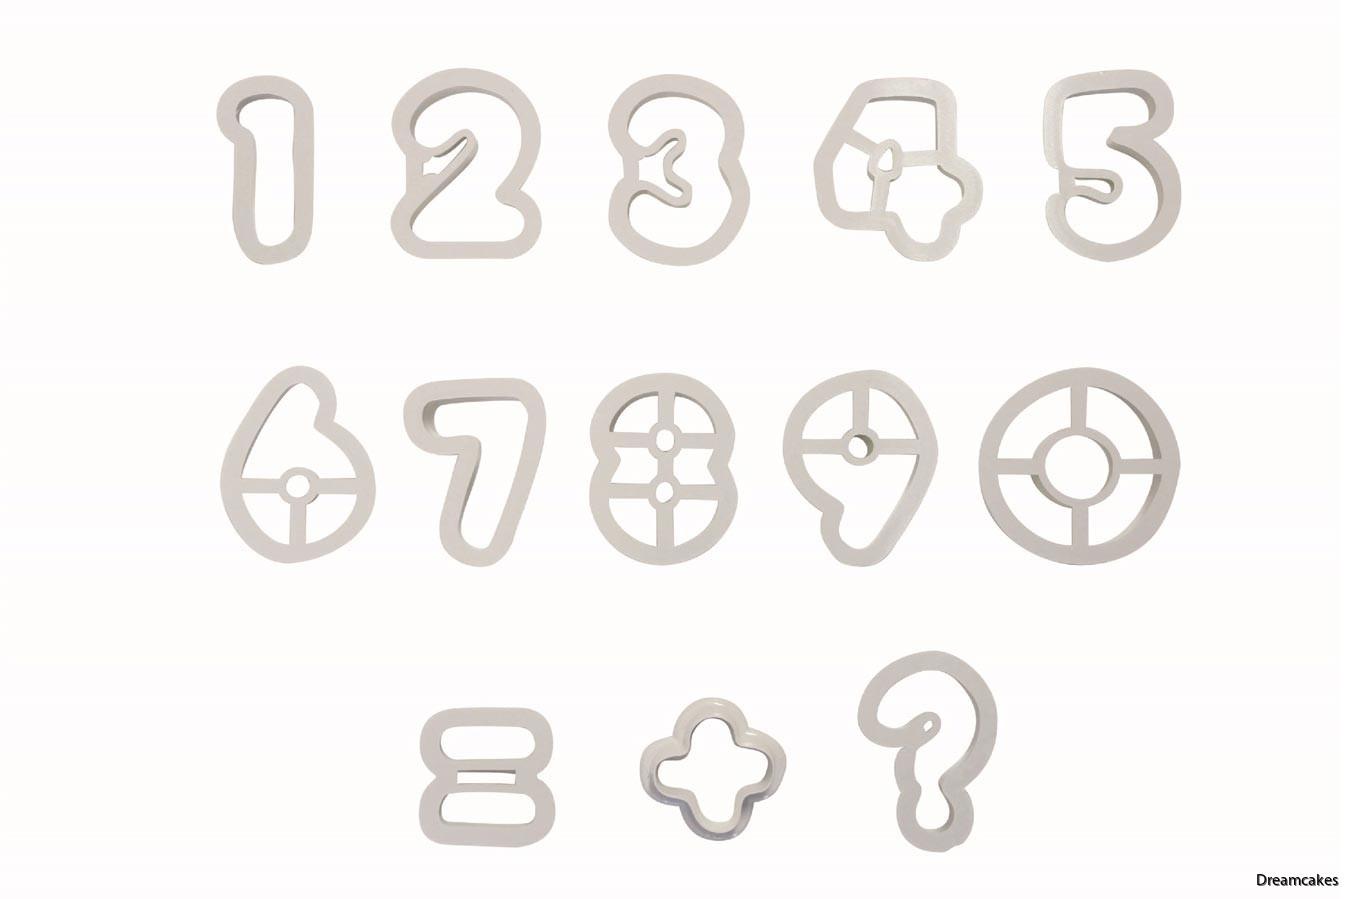 Enkla utstickare med siffror till tårtdekoration och kakor